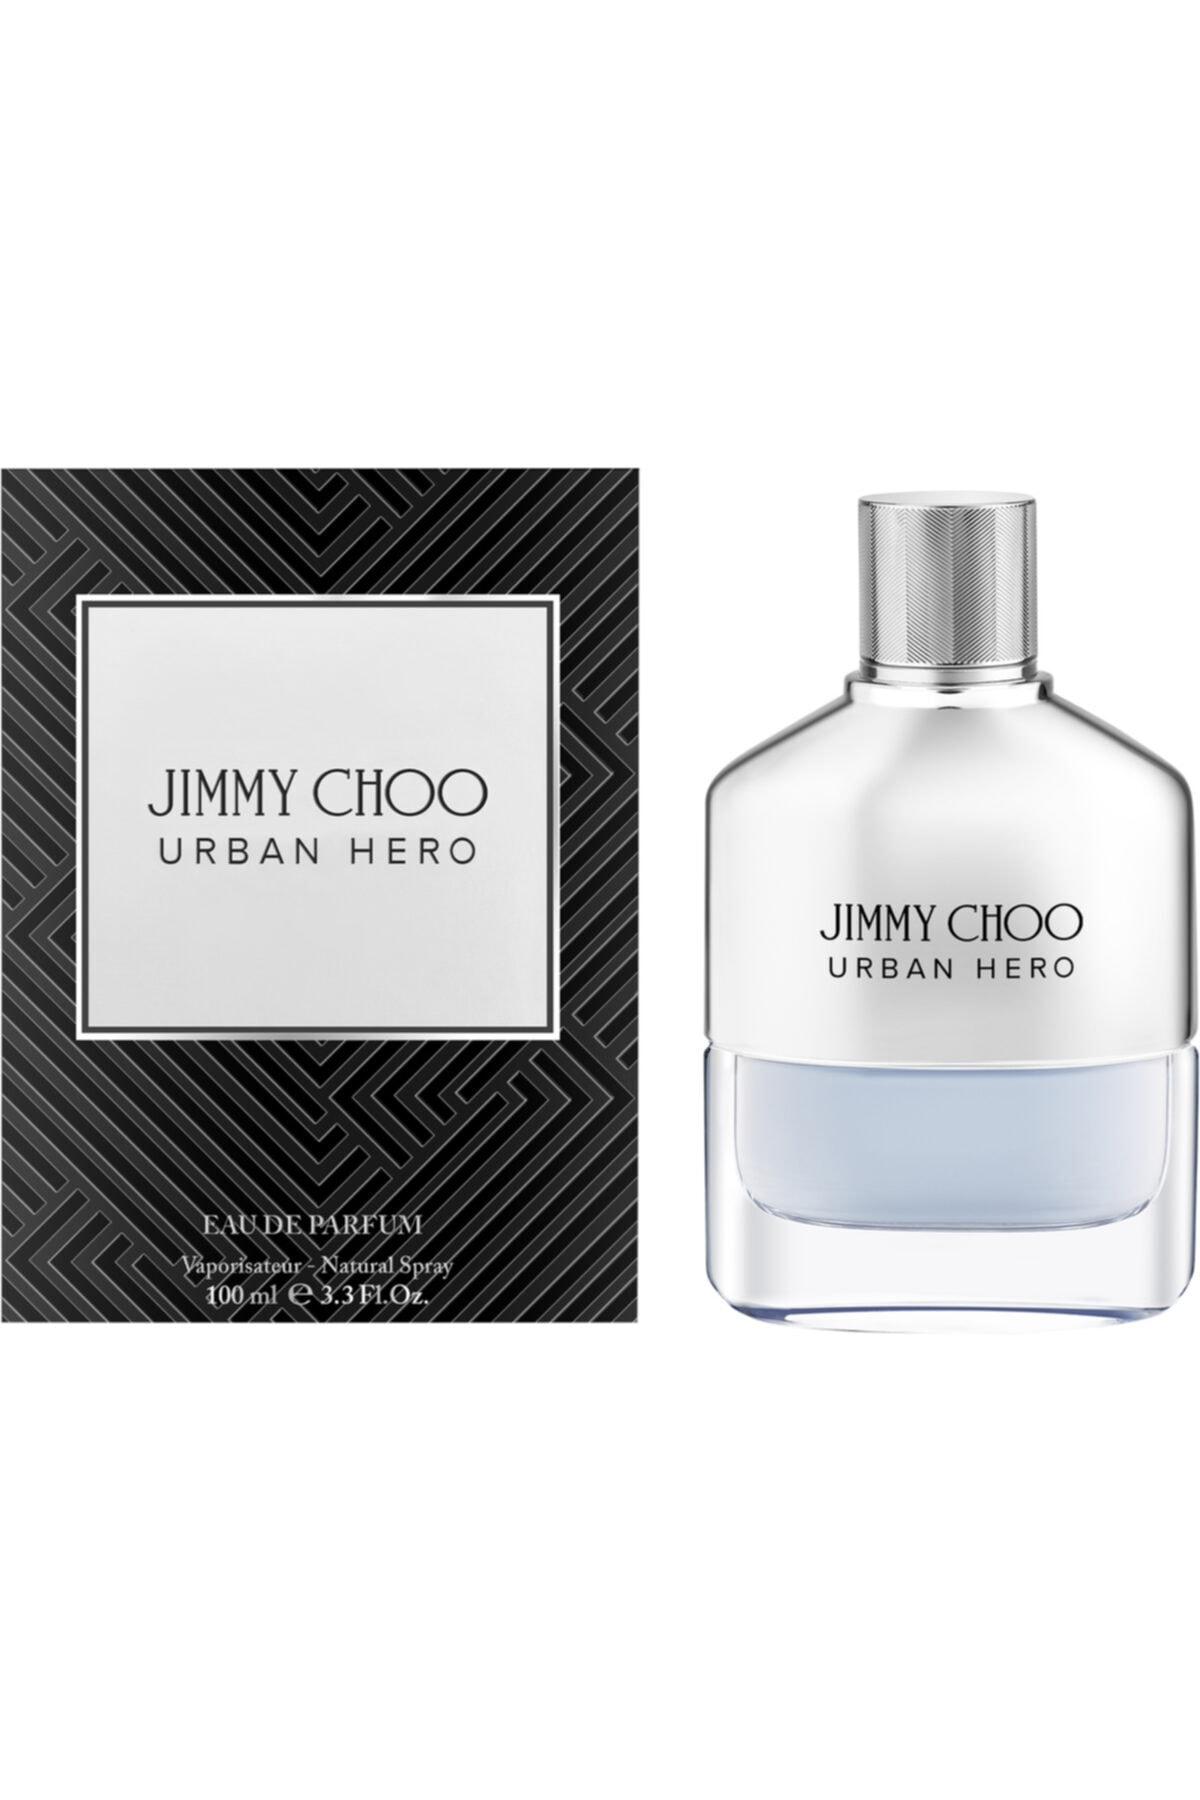 Jimmy Choo Urban Hero Edp 100 ml Erkek Parfüm 3386460109369 1